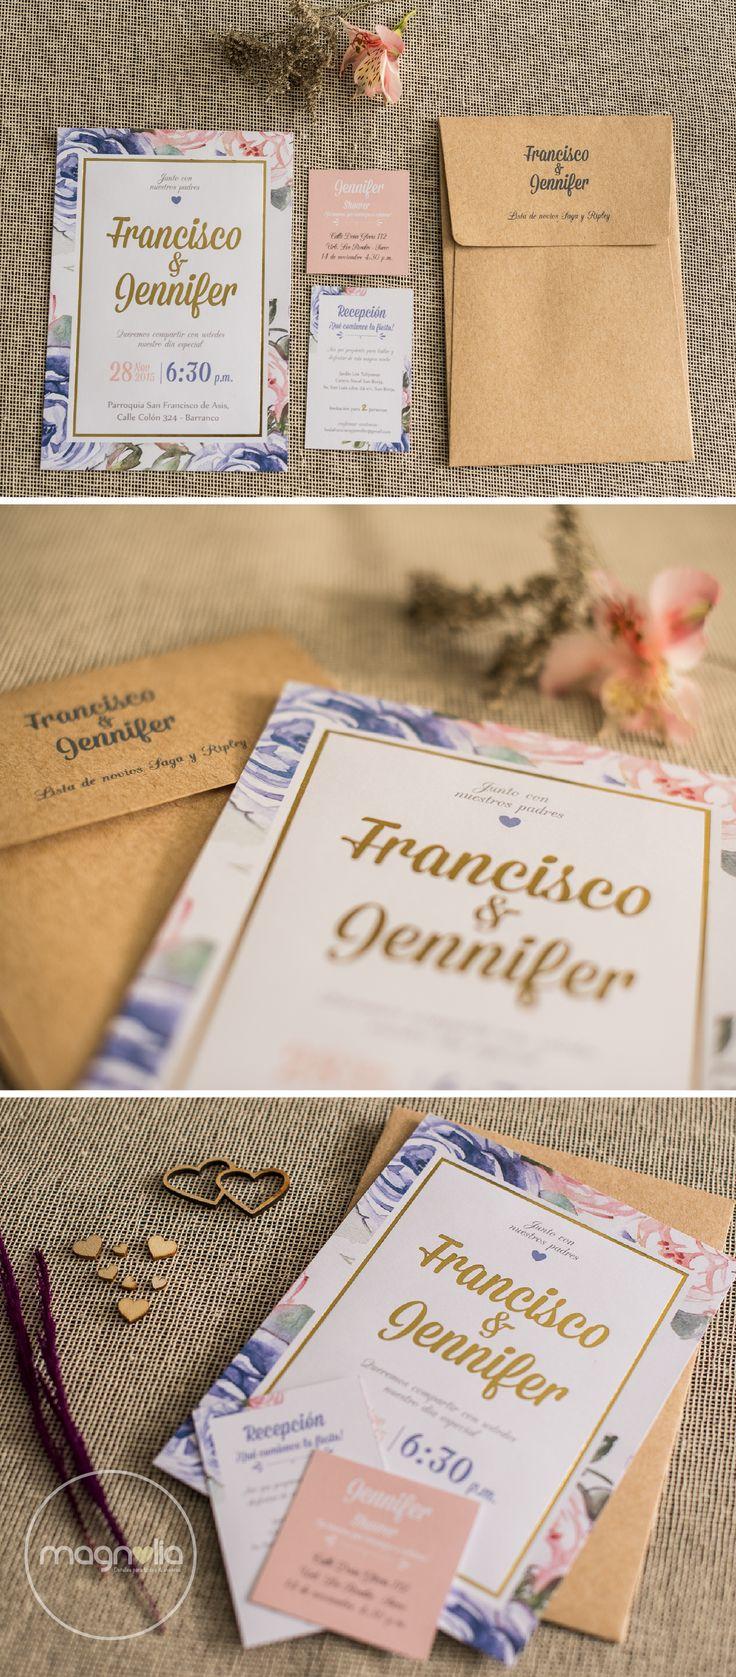 Invitaciones florales para bodas románticas&vintage   #bodas #vintage #flores #invitaciones #rustico #originales #creativas